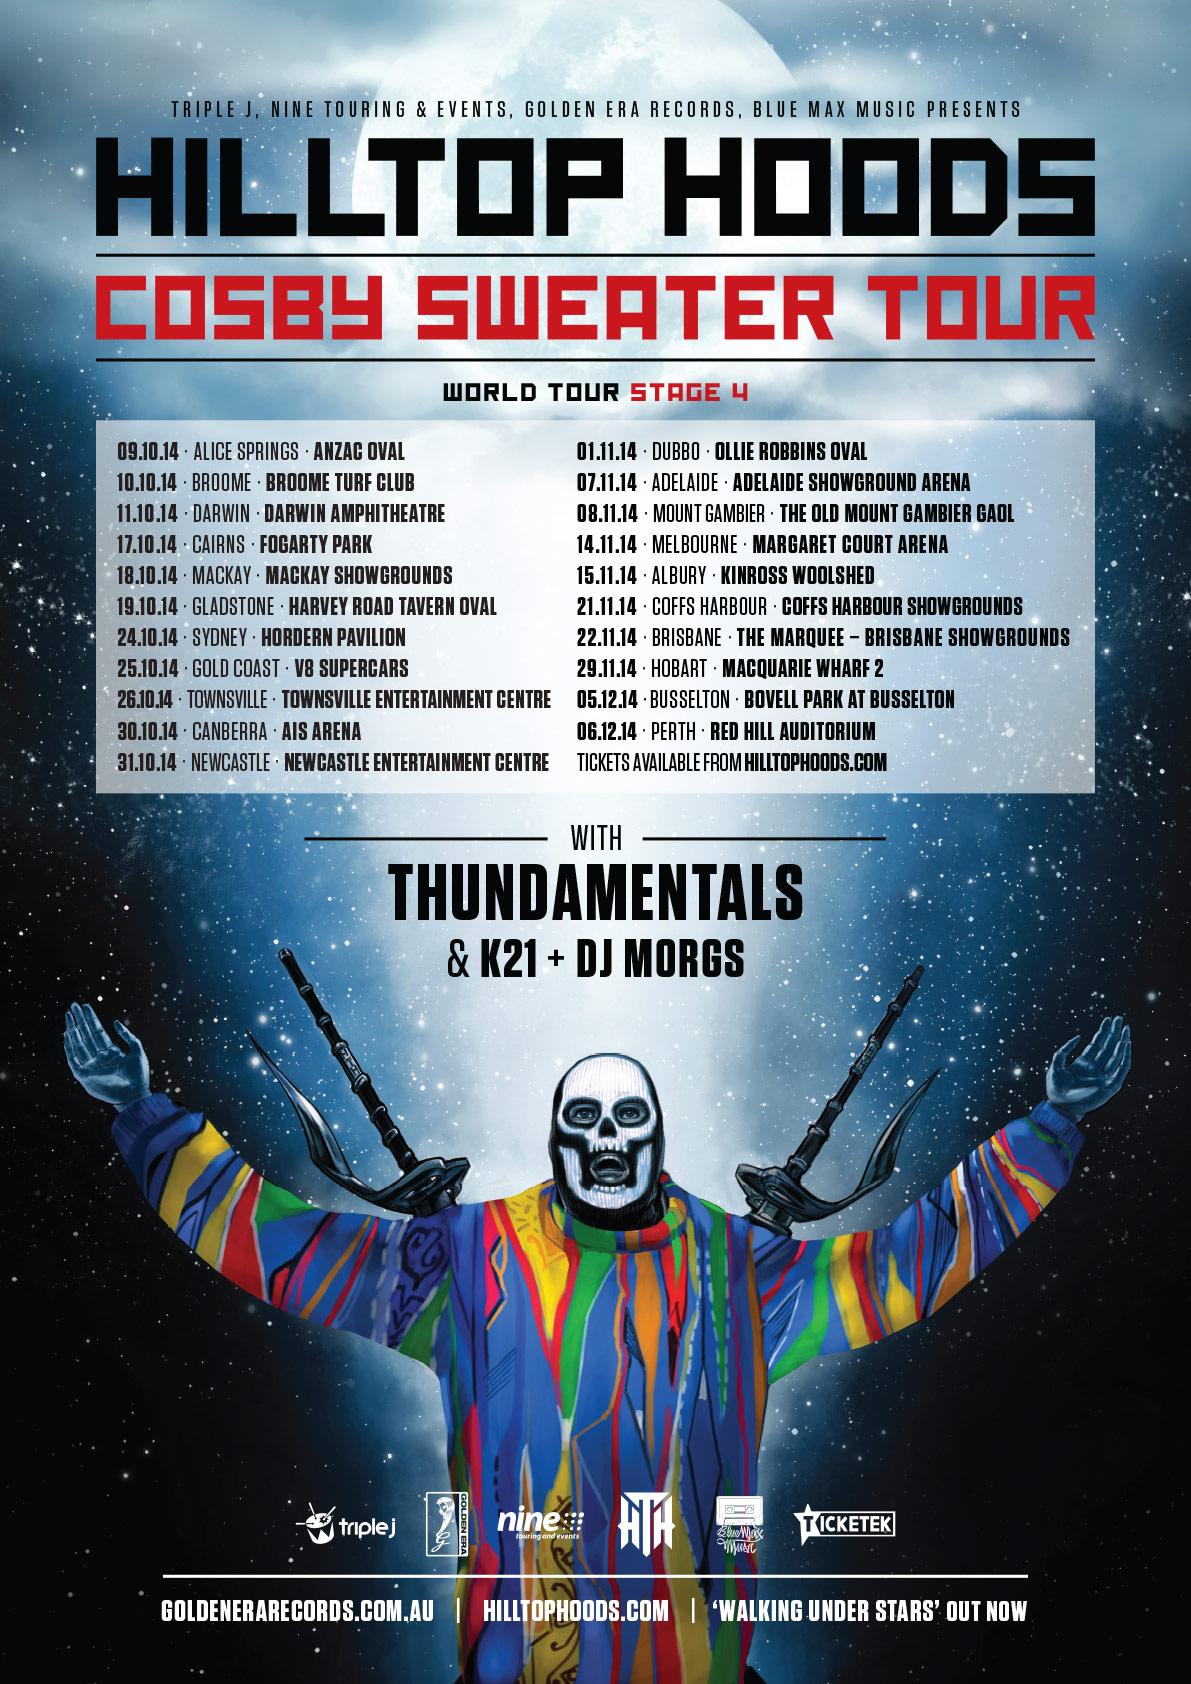 Hilltop Hoods Australian Tour